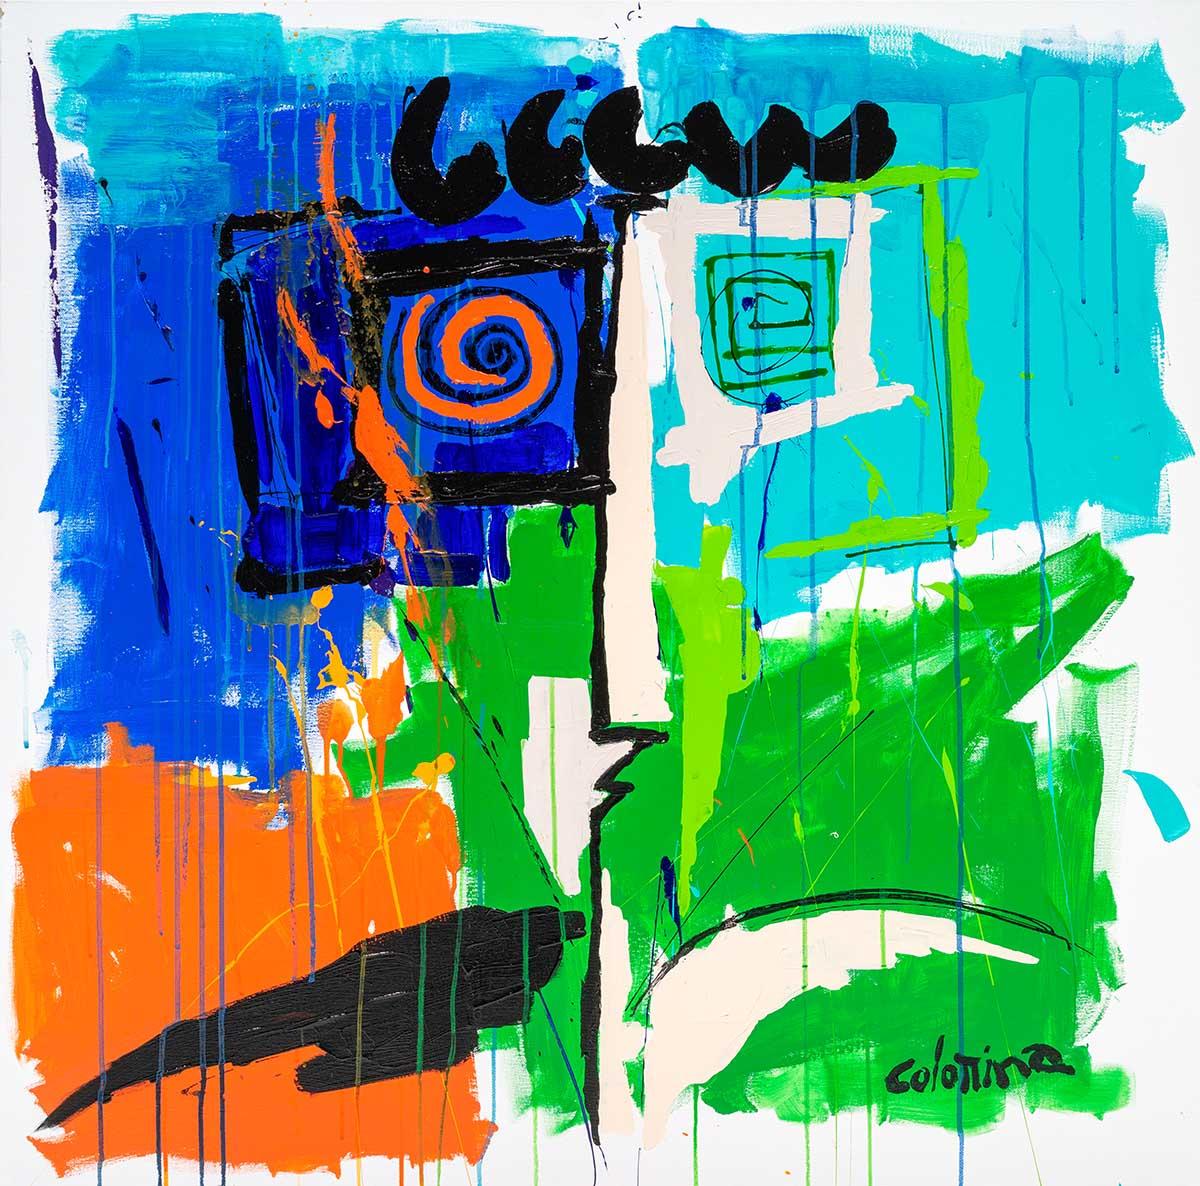 Jorge Colomina - Sous la Pluie